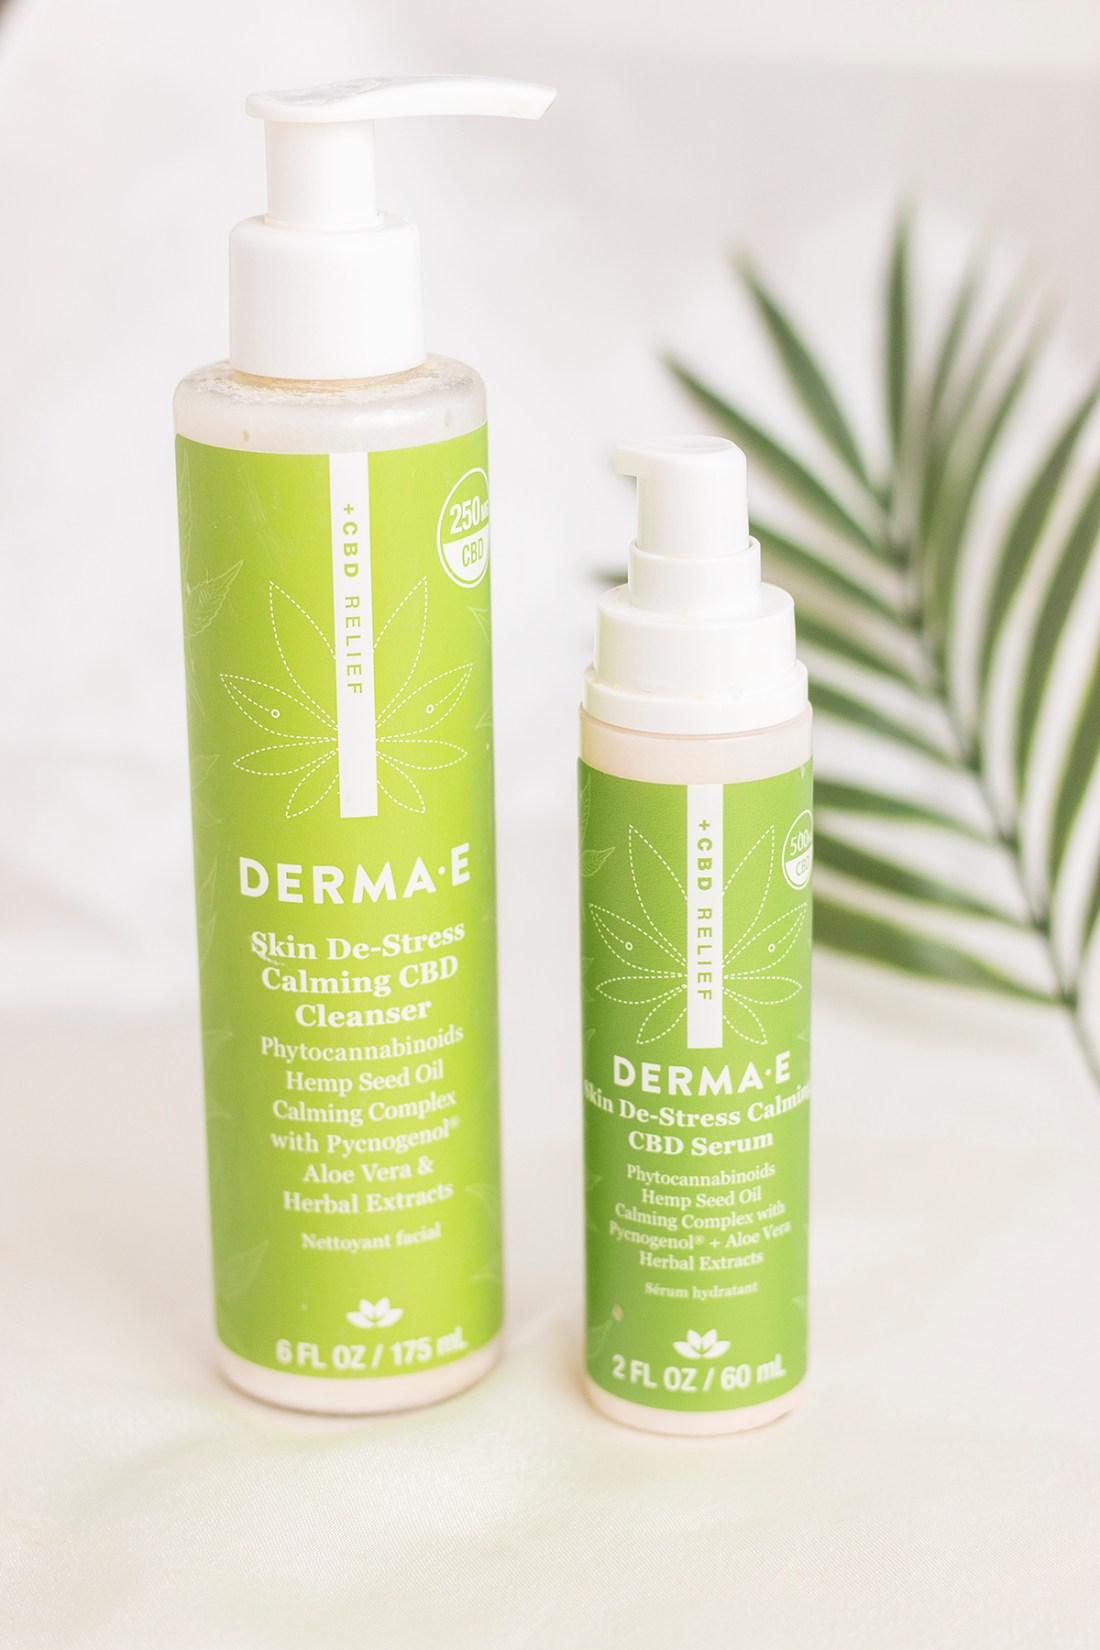 Derma E CBD Skincare | A Good Hue